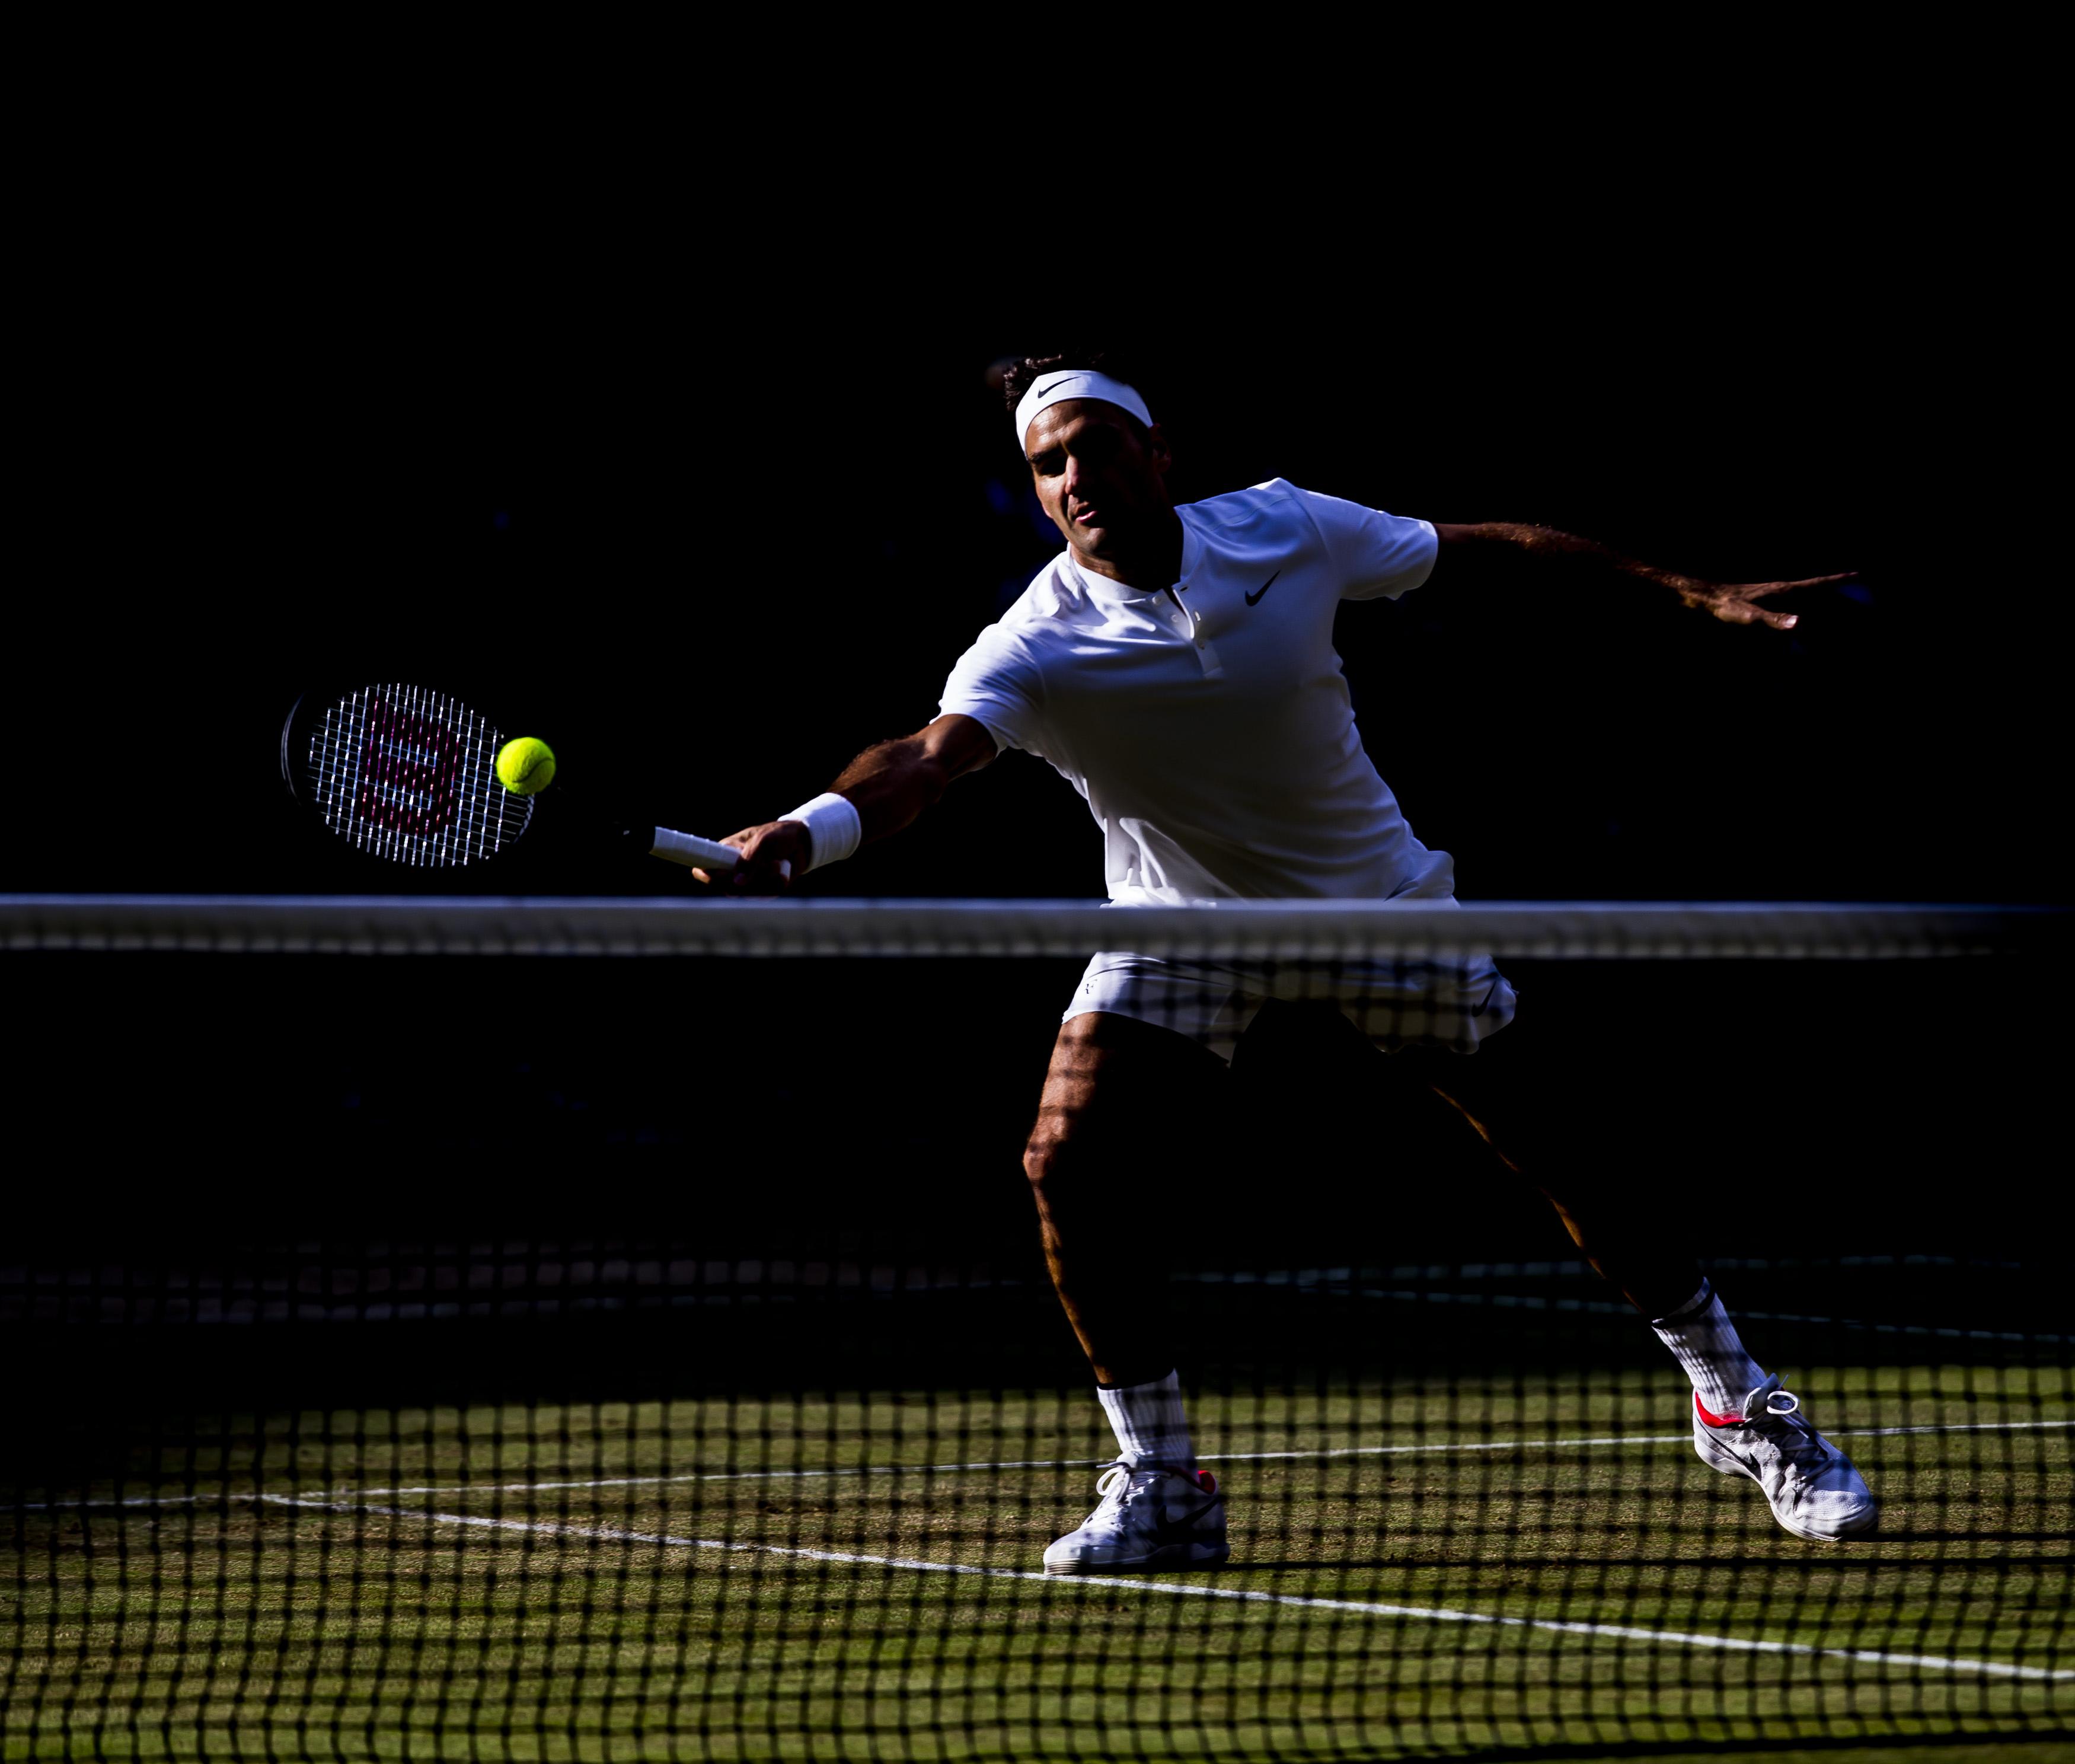 Wimbledon2017_001